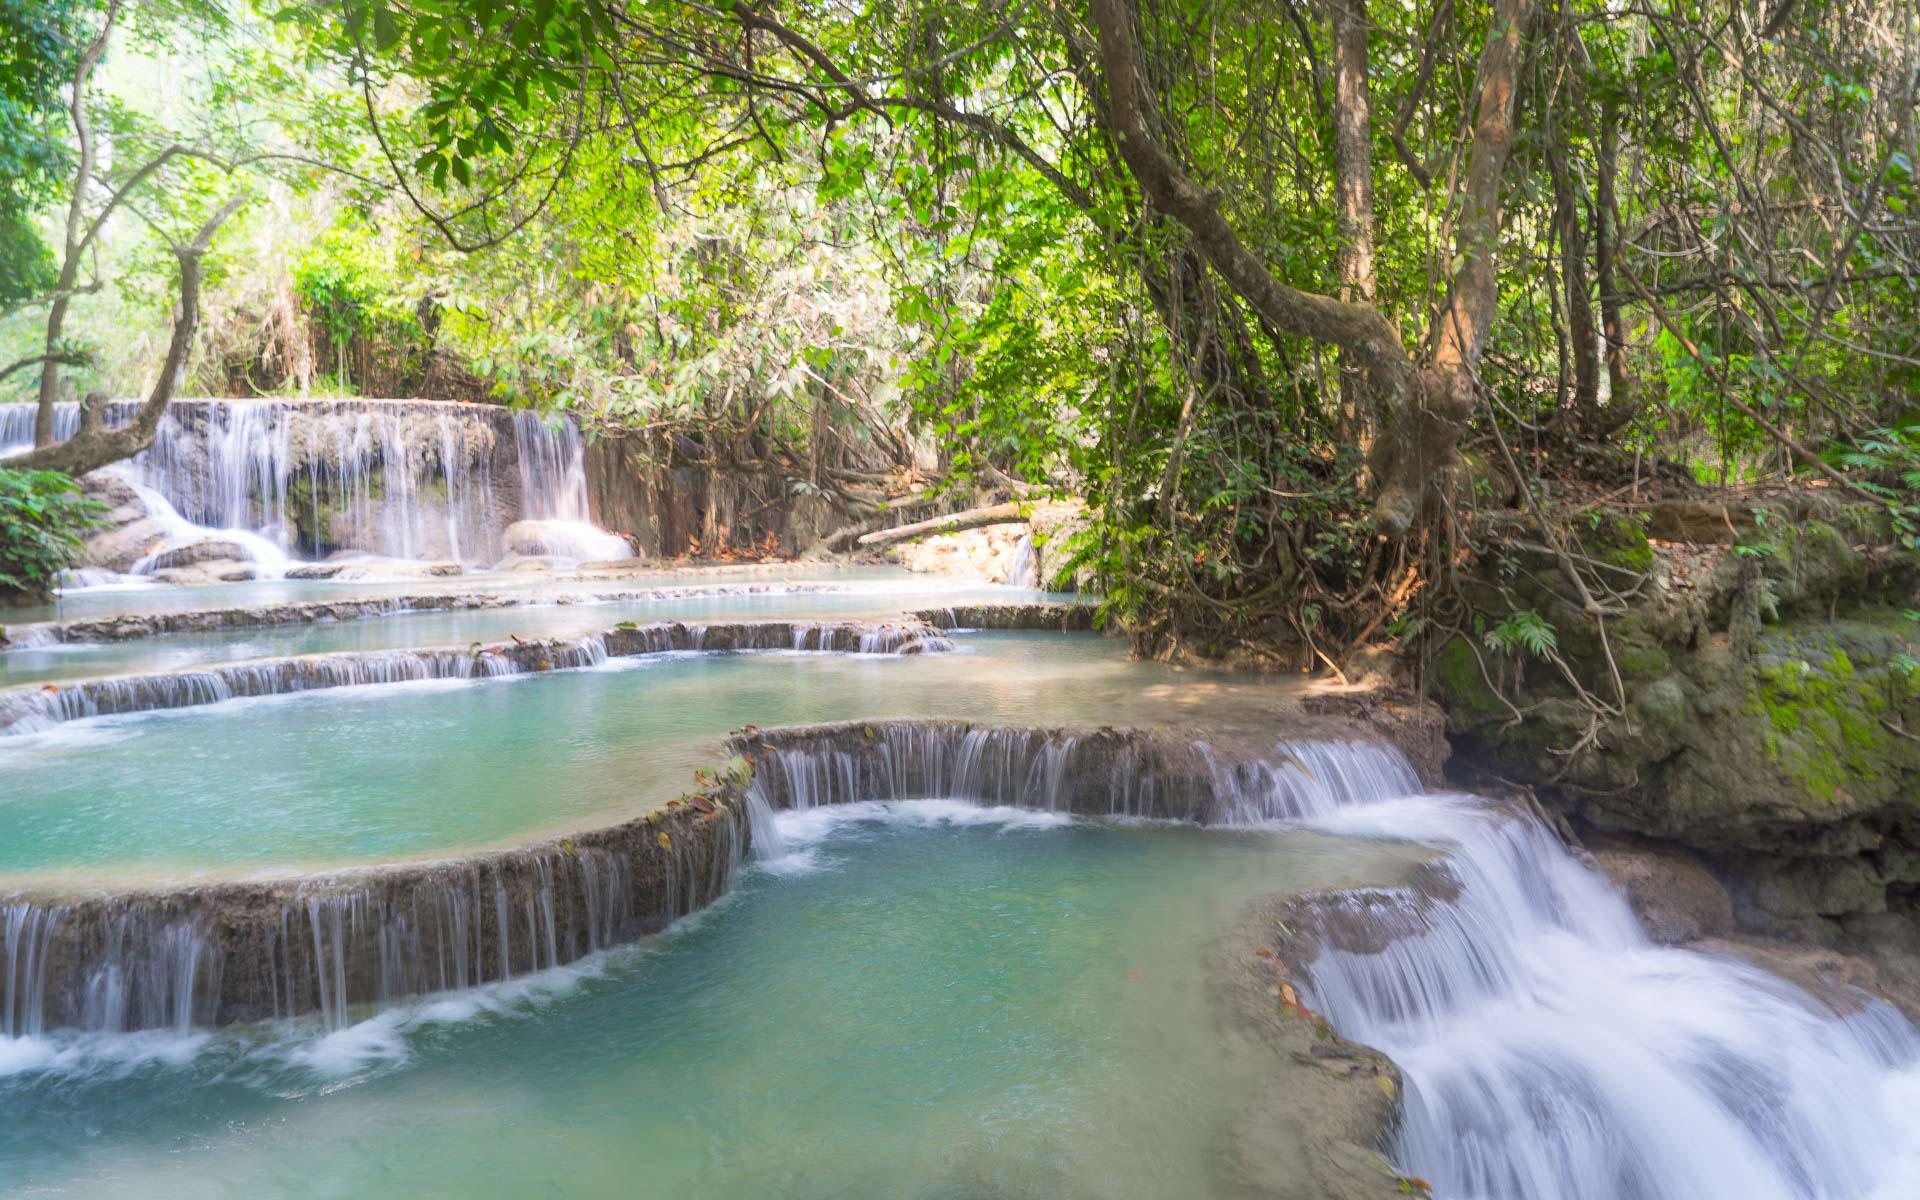 Lesvoyageuses-voyage-laos-luang-prabang-Kuang-si-cascades-5